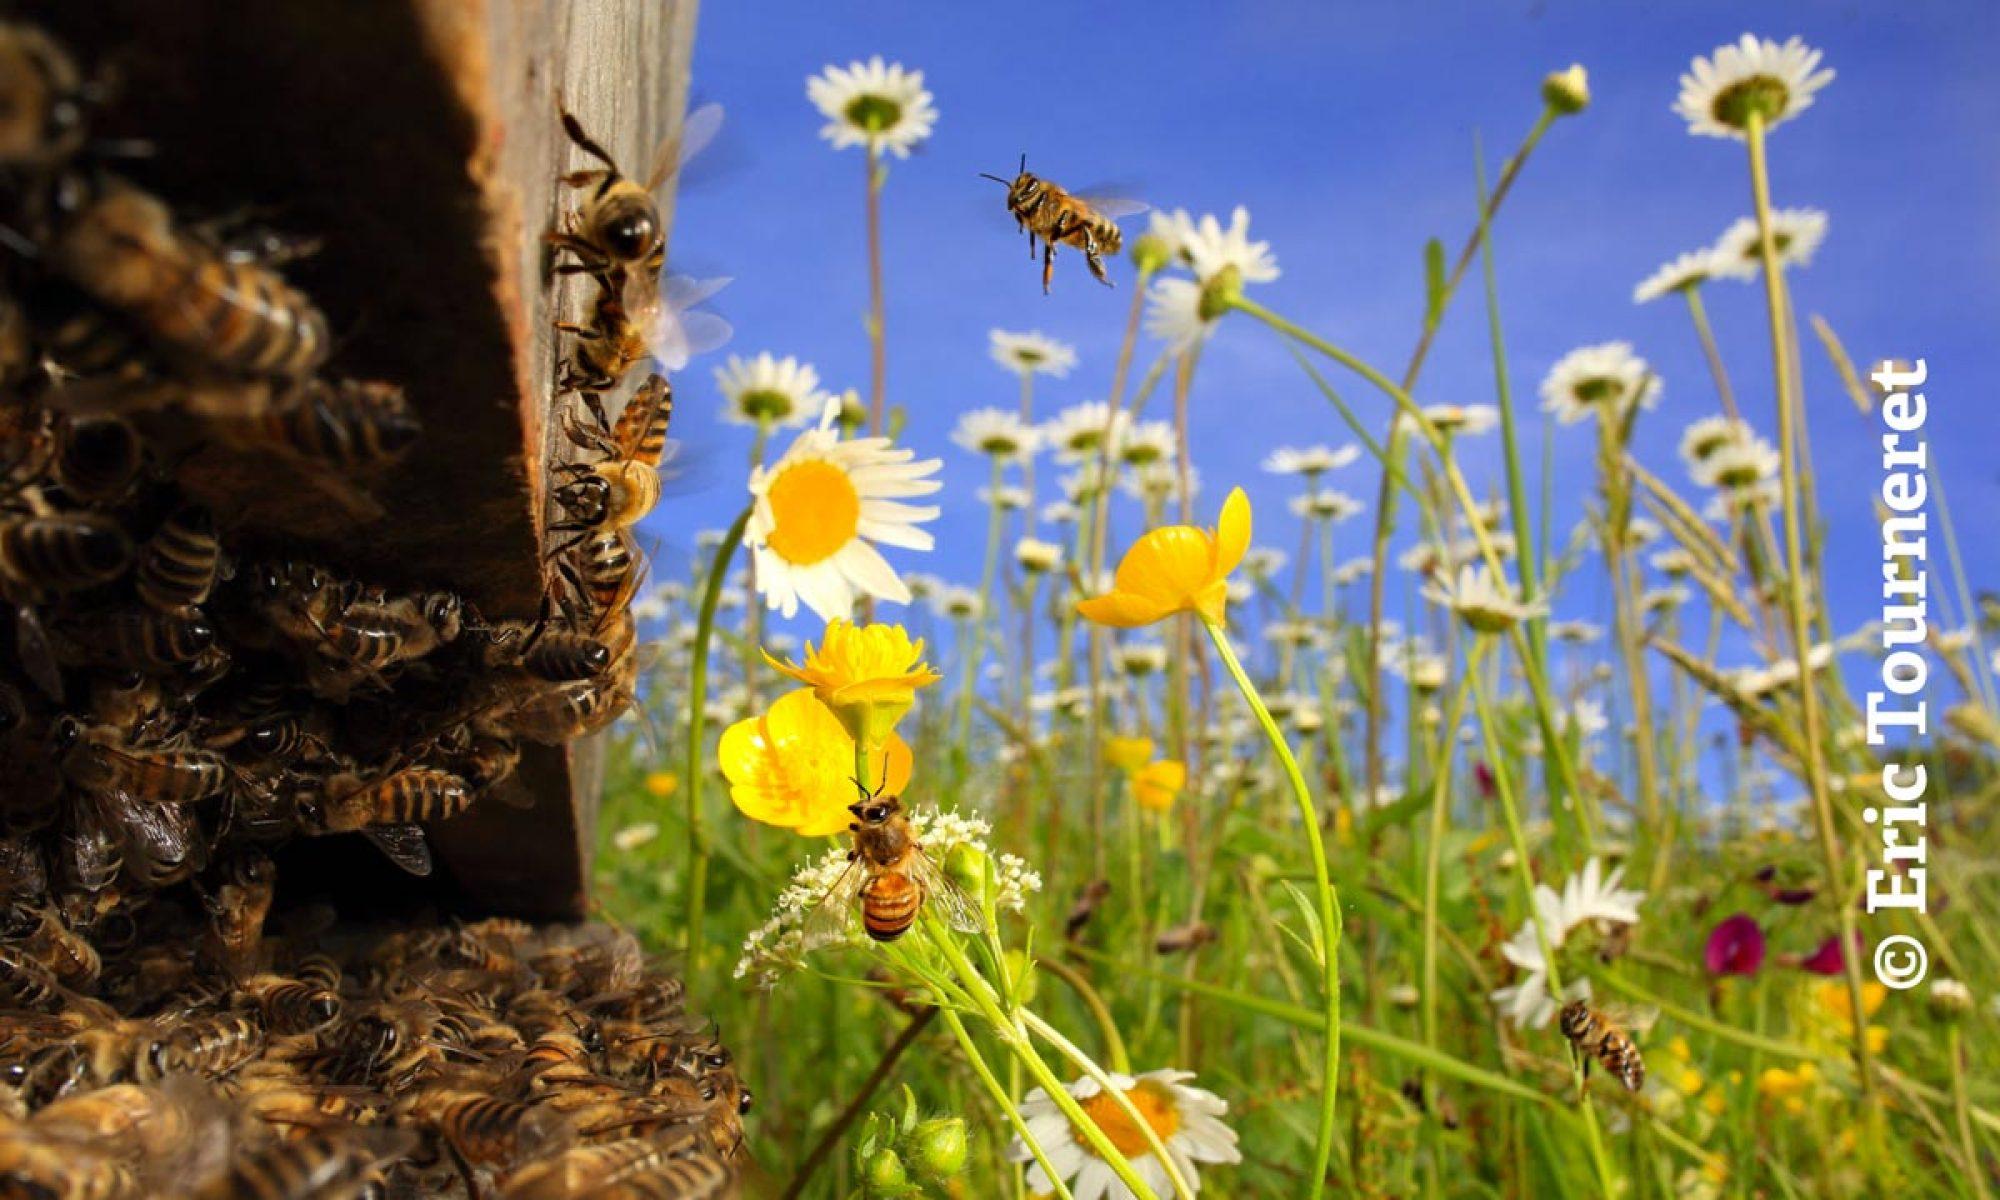 La Maison de l'abeille